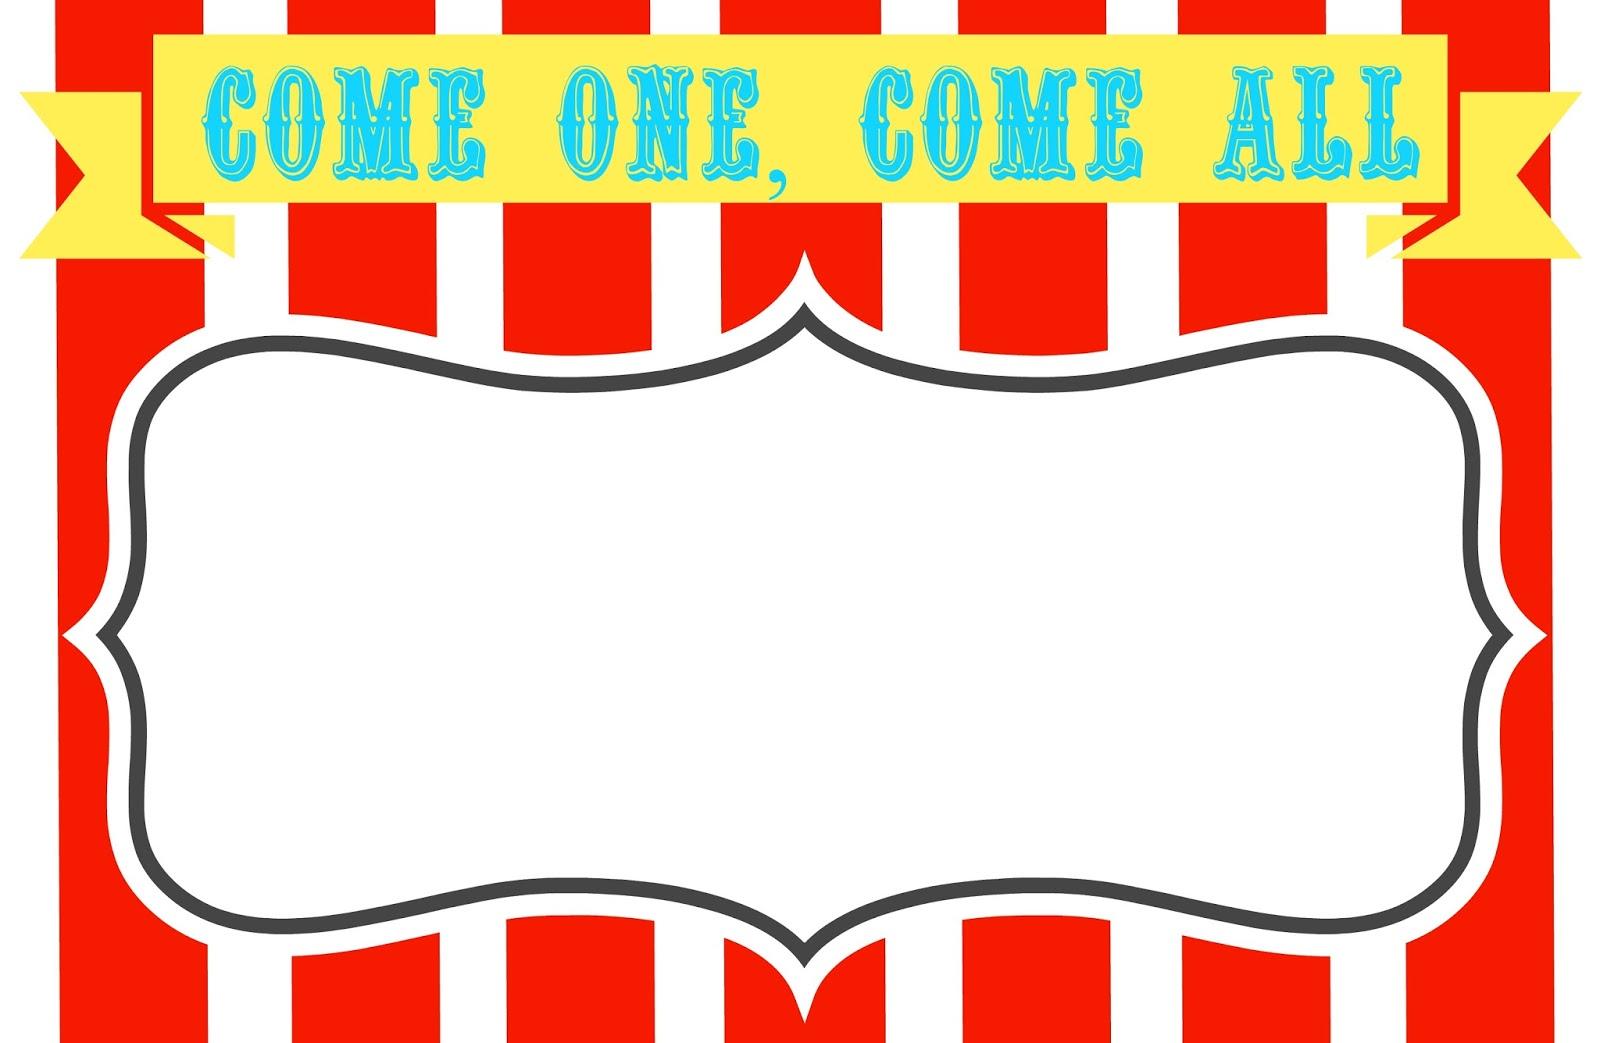 Carnival clip art 2. Carnival signs temp-Carnival clip art 2. Carnival signs template .-8